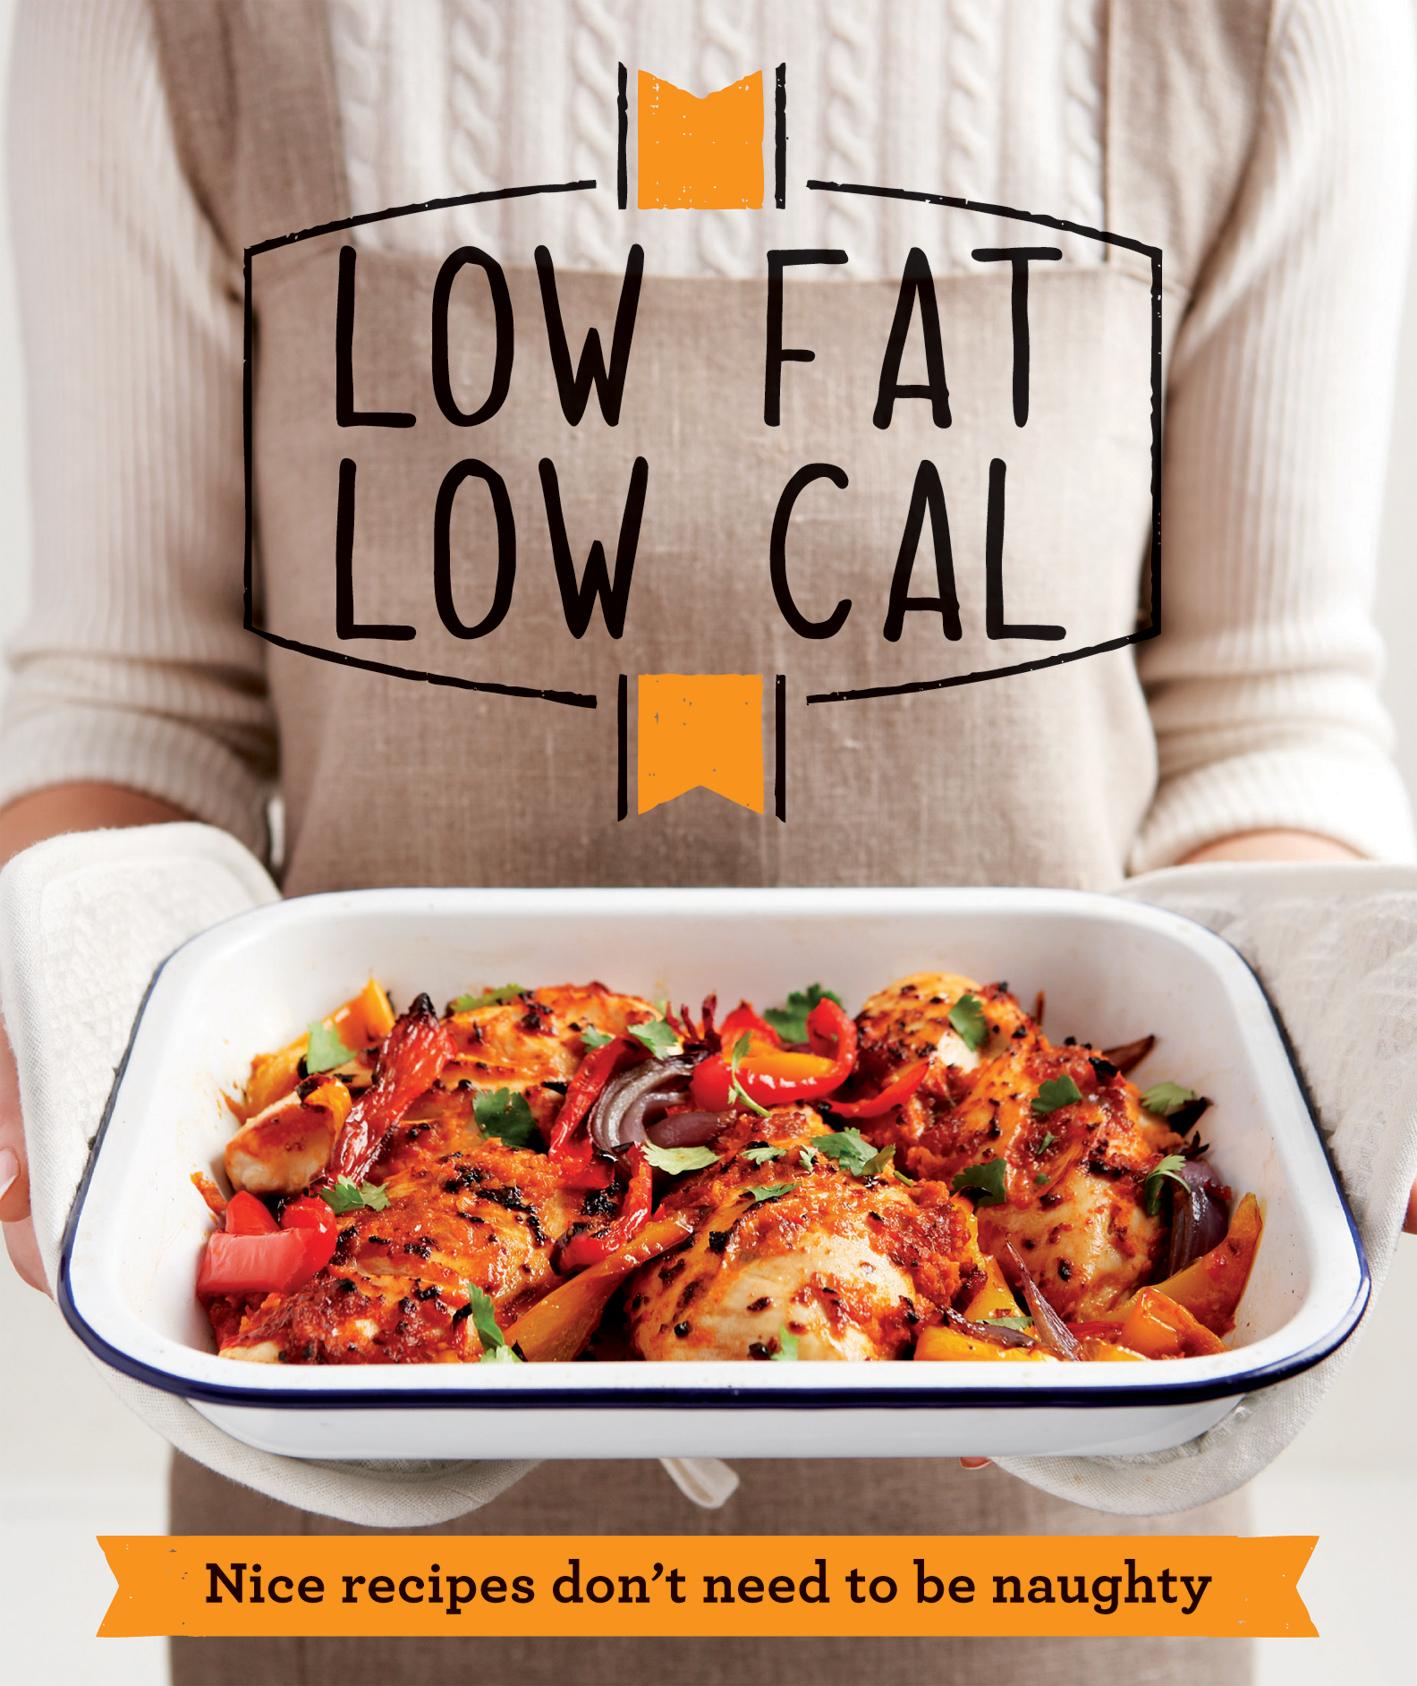 Low Fat Low Cal